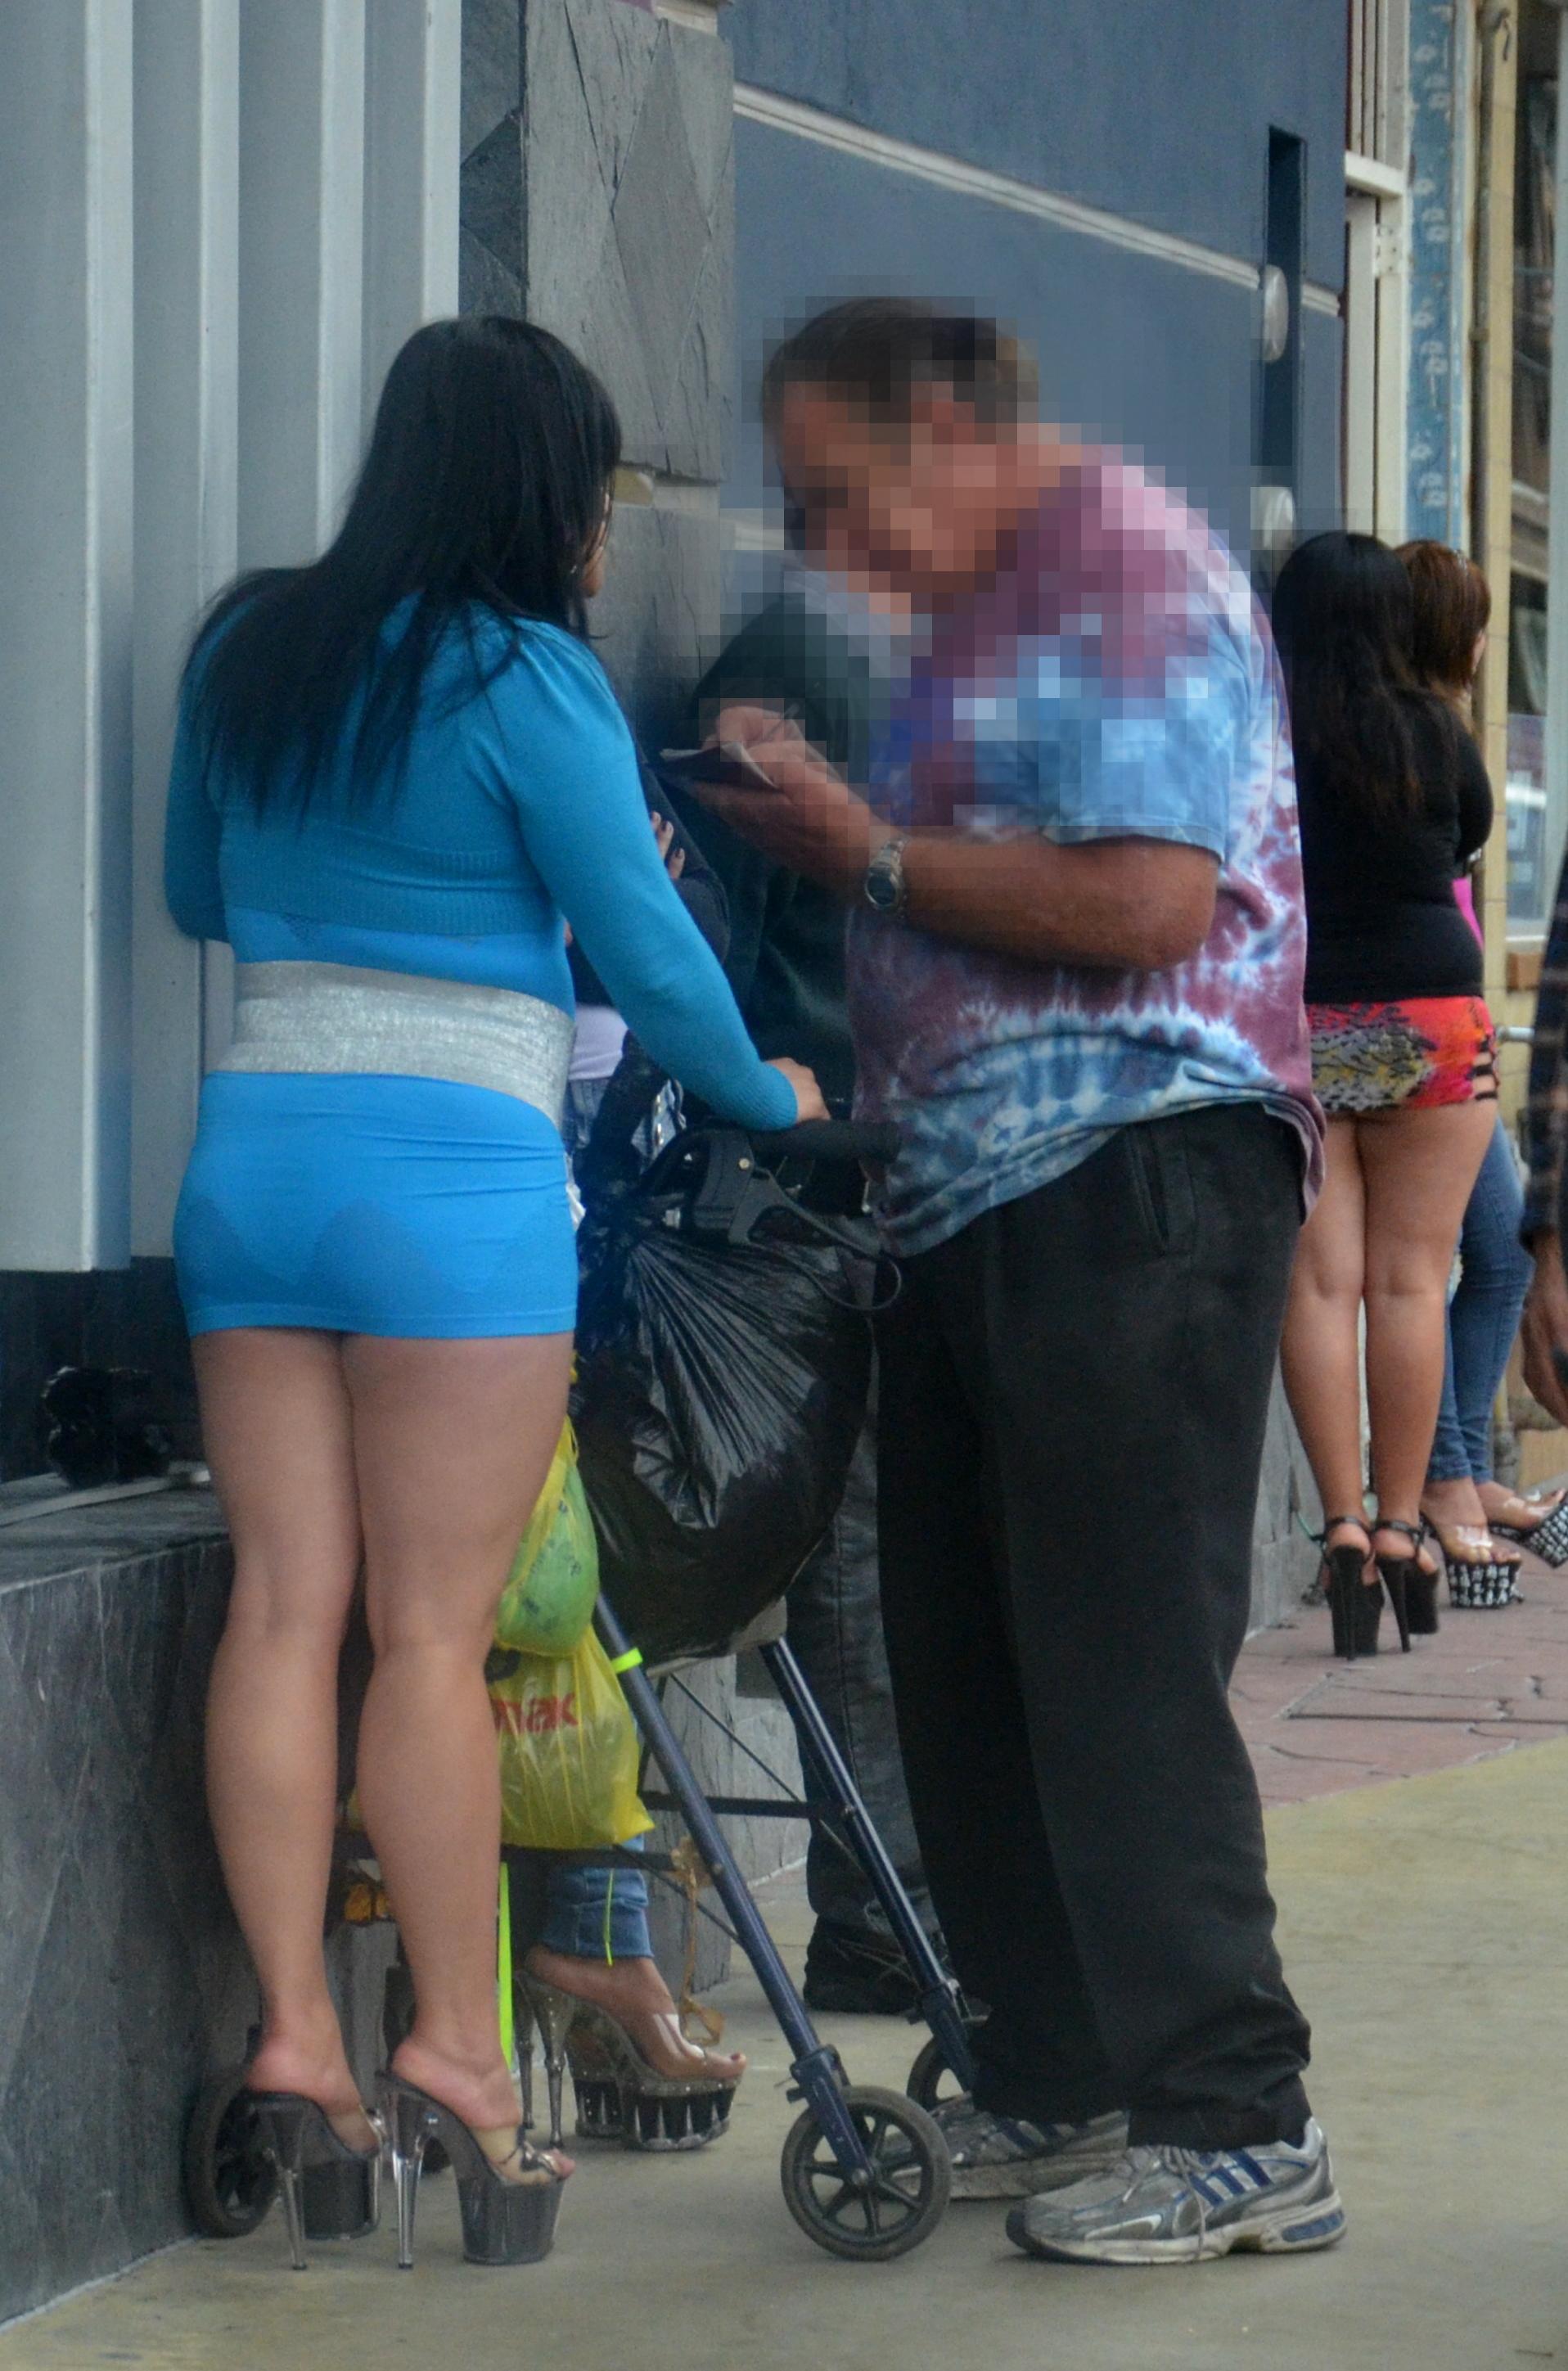 prostitutas en milanuncios prostitutas hot